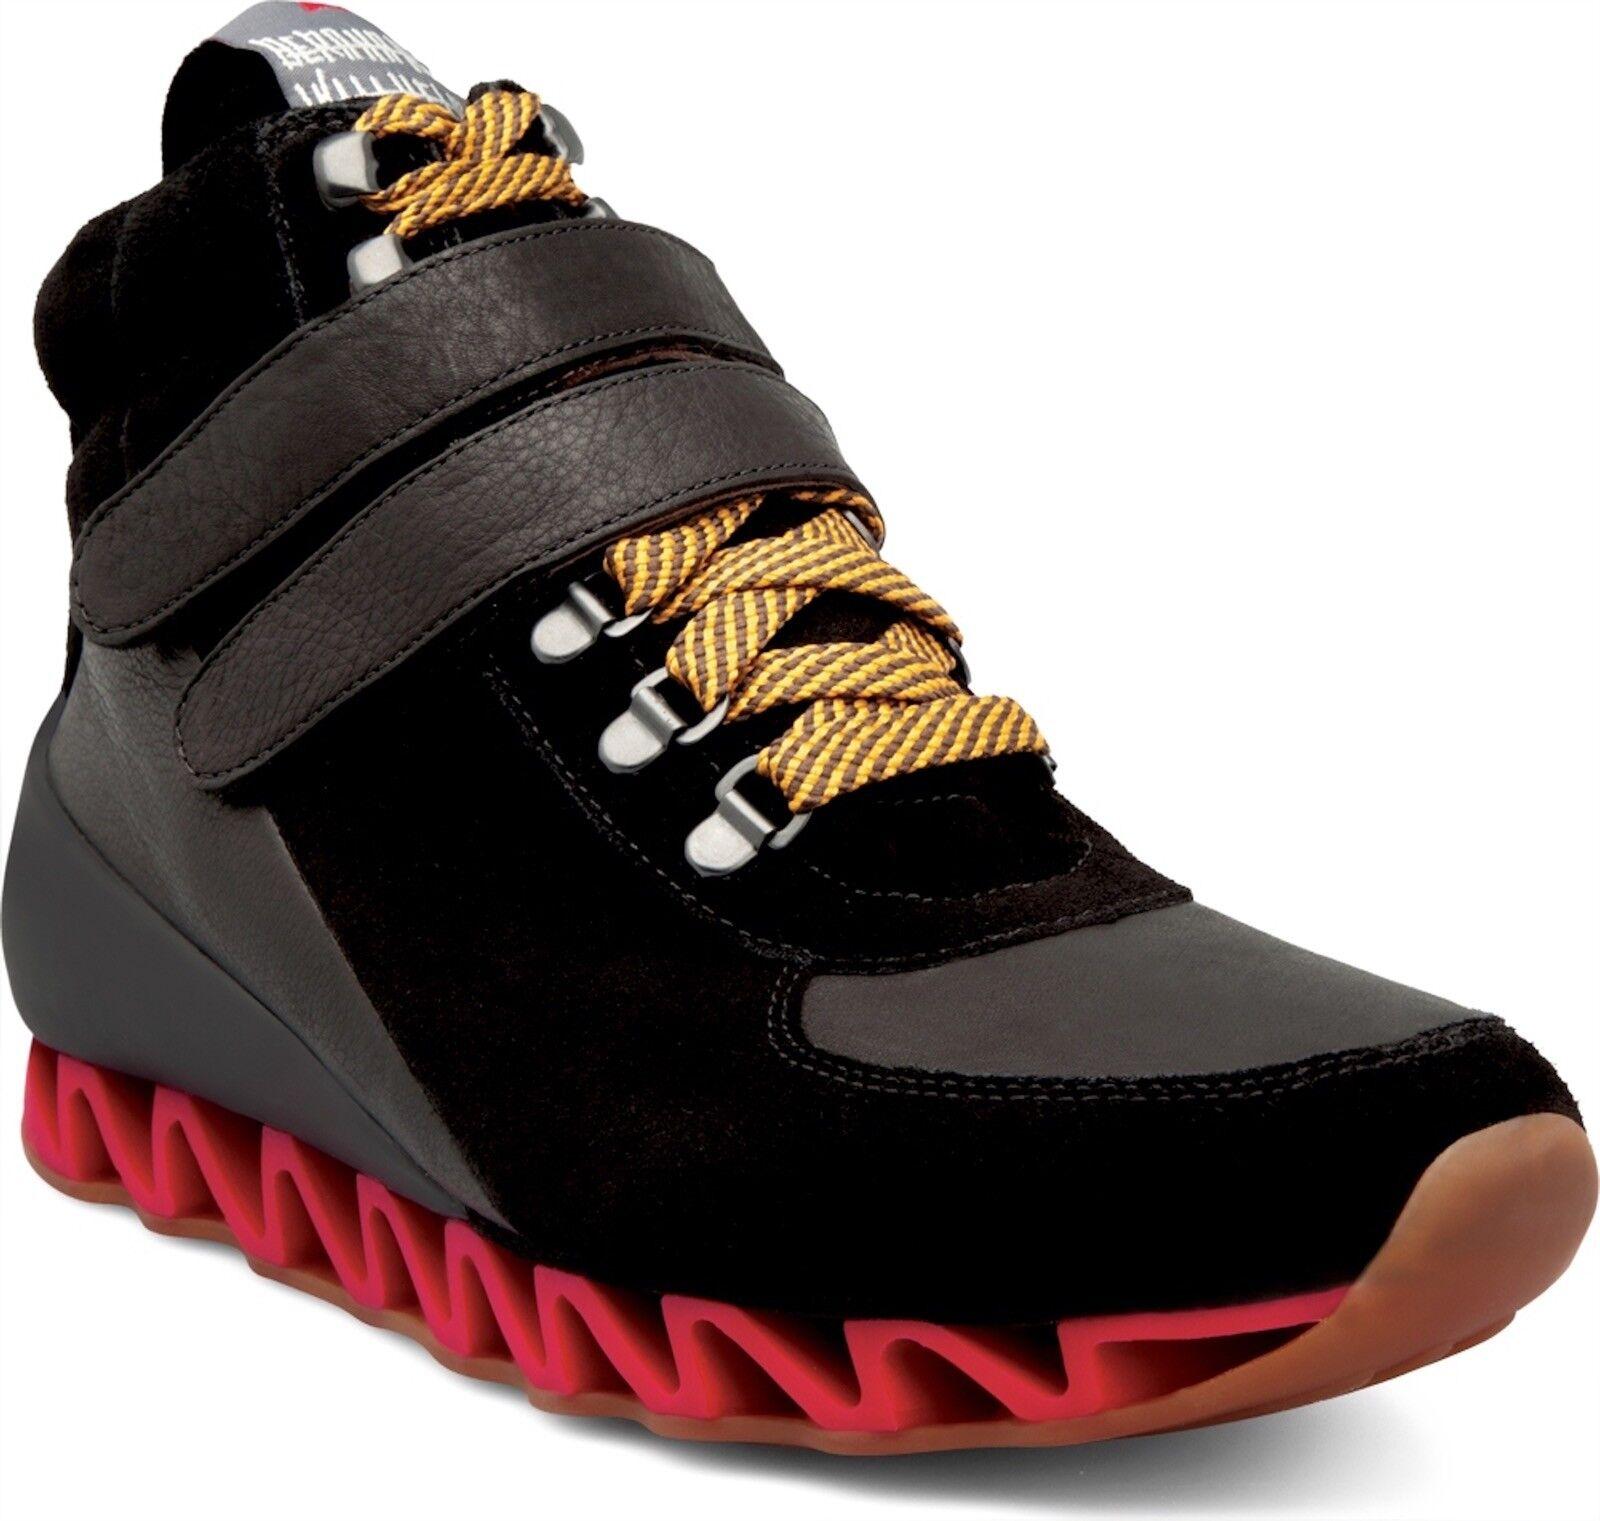 320 Bernhard Willhelm Camper Camper Camper US 8 EU 41 Together Himalayan scarpe da ginnastica 36618-002 343a81